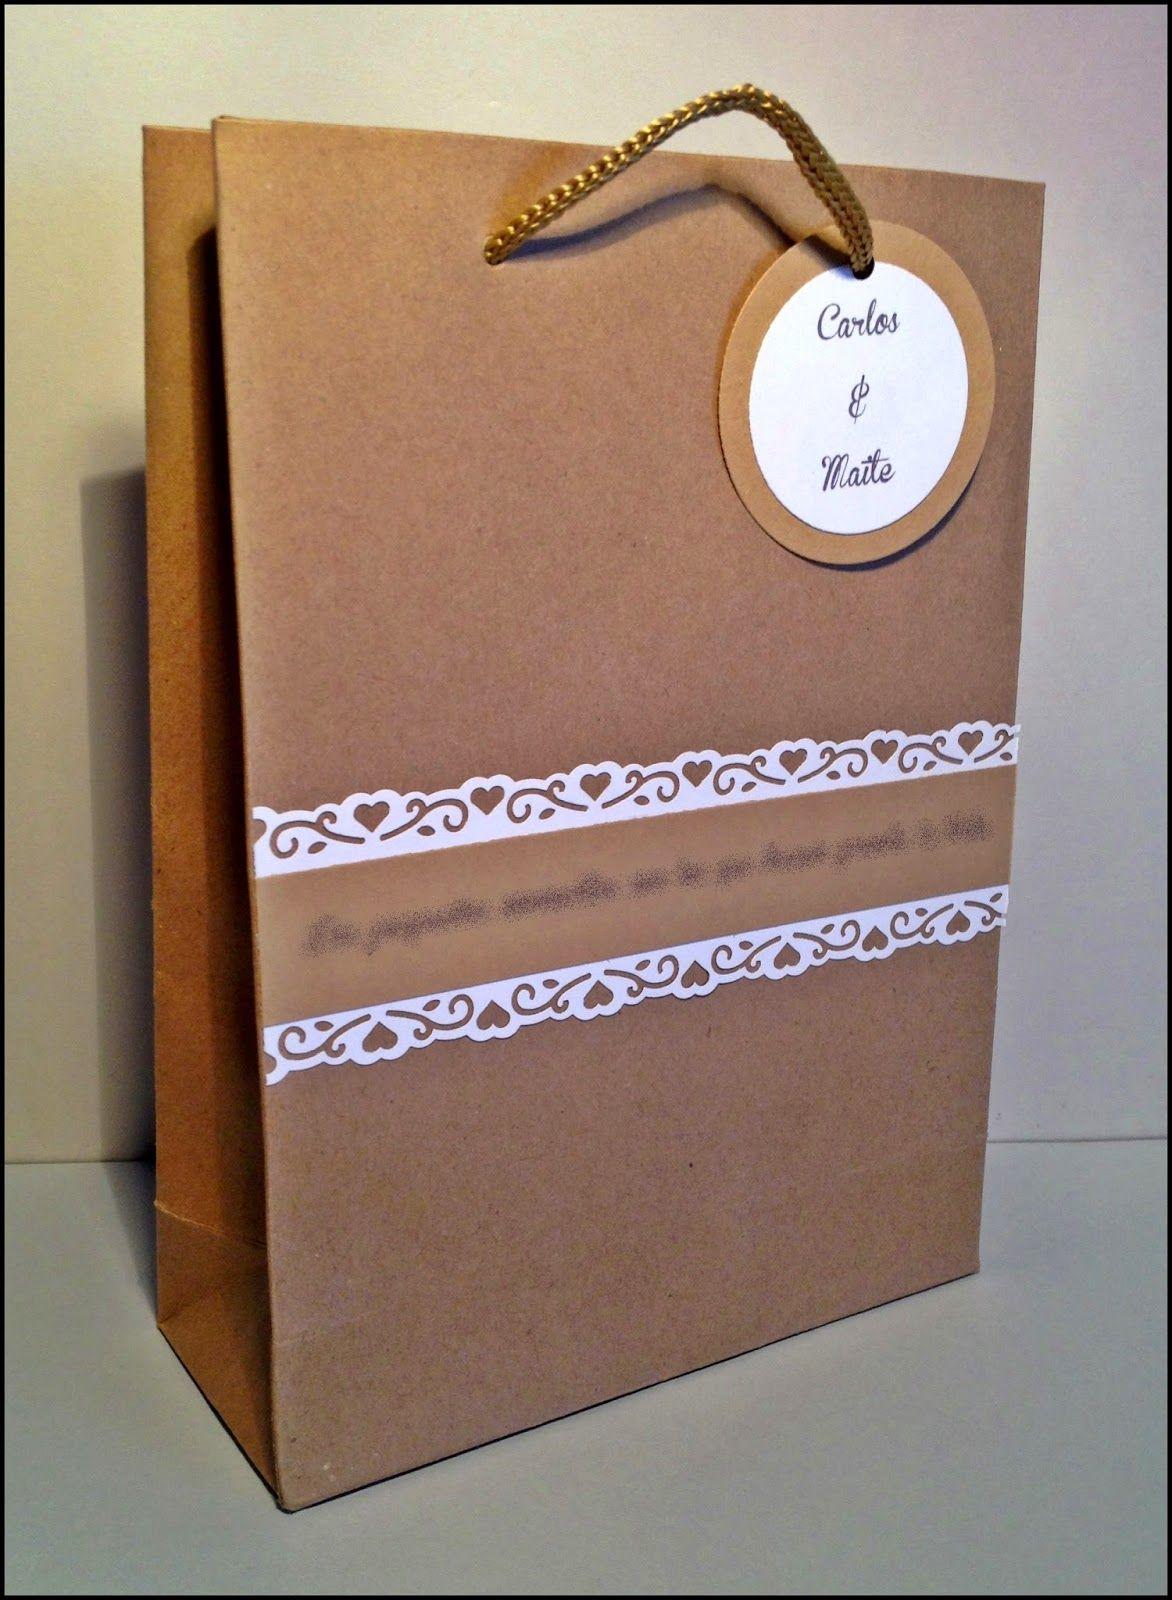 Bolsa regalo especial boda Maite y Carlos